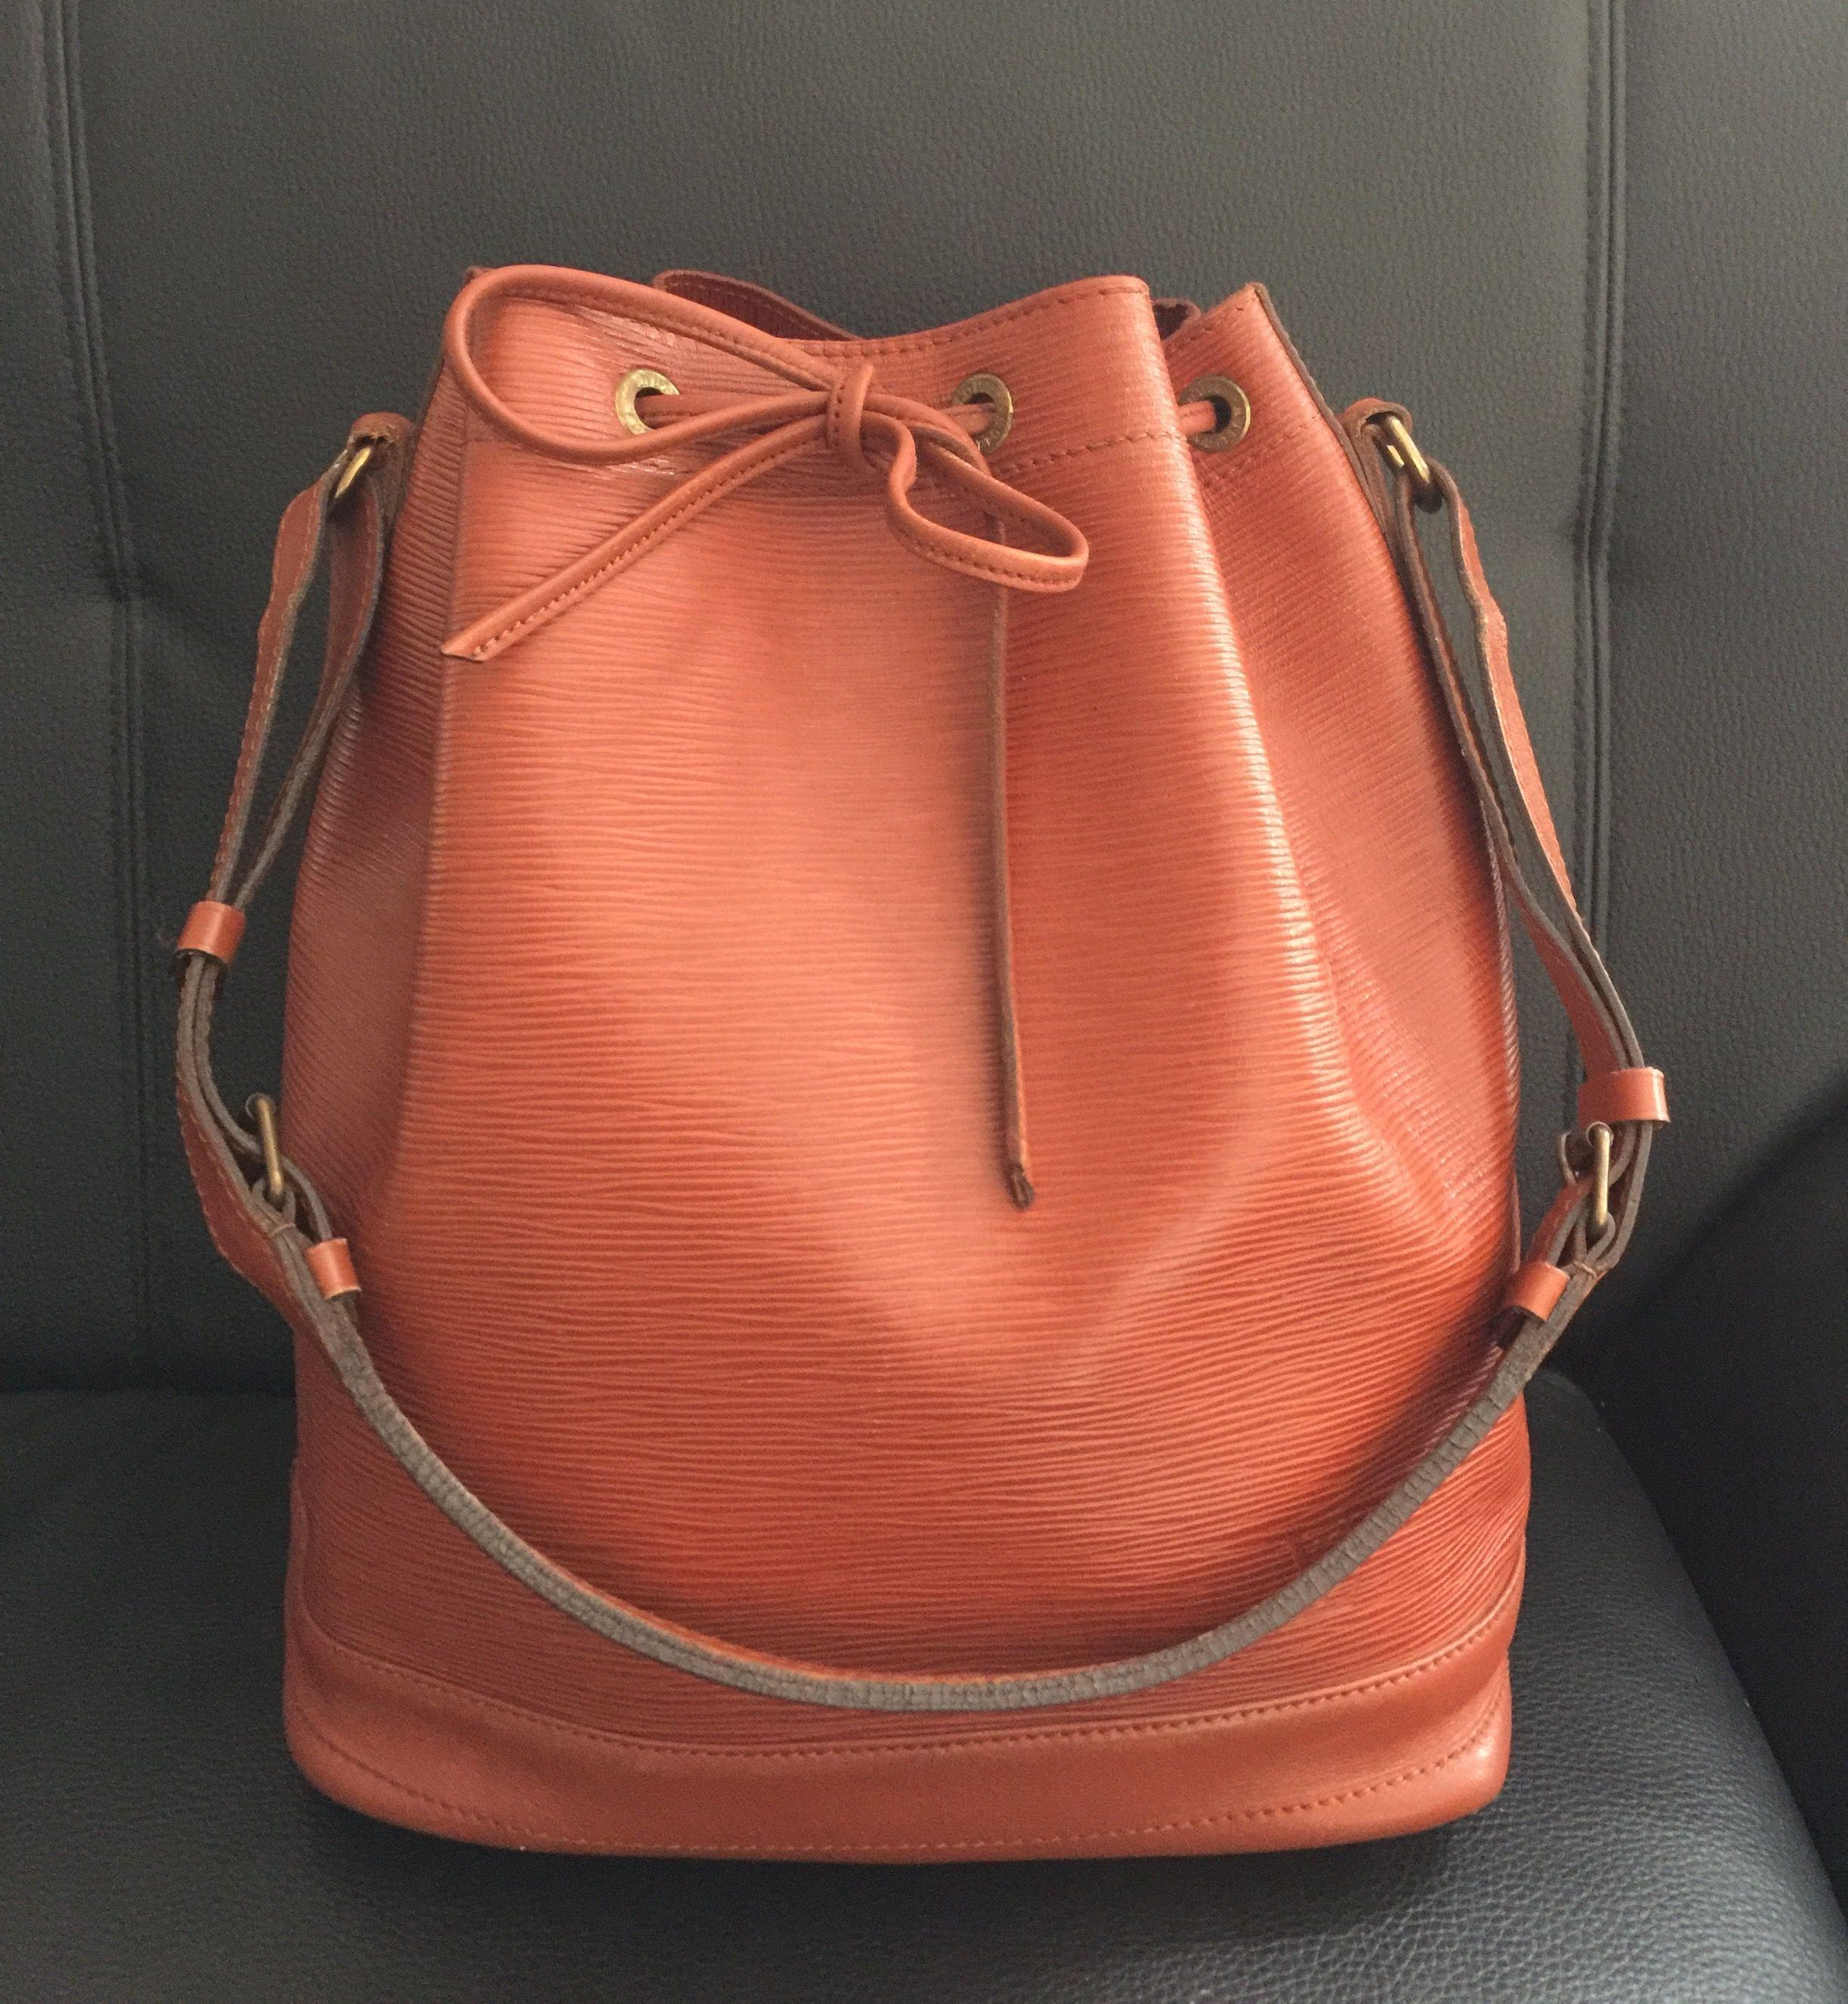 d3ce1de8ba476 Louis Vuitton Sac Epi Ebay.de  123-meins-1